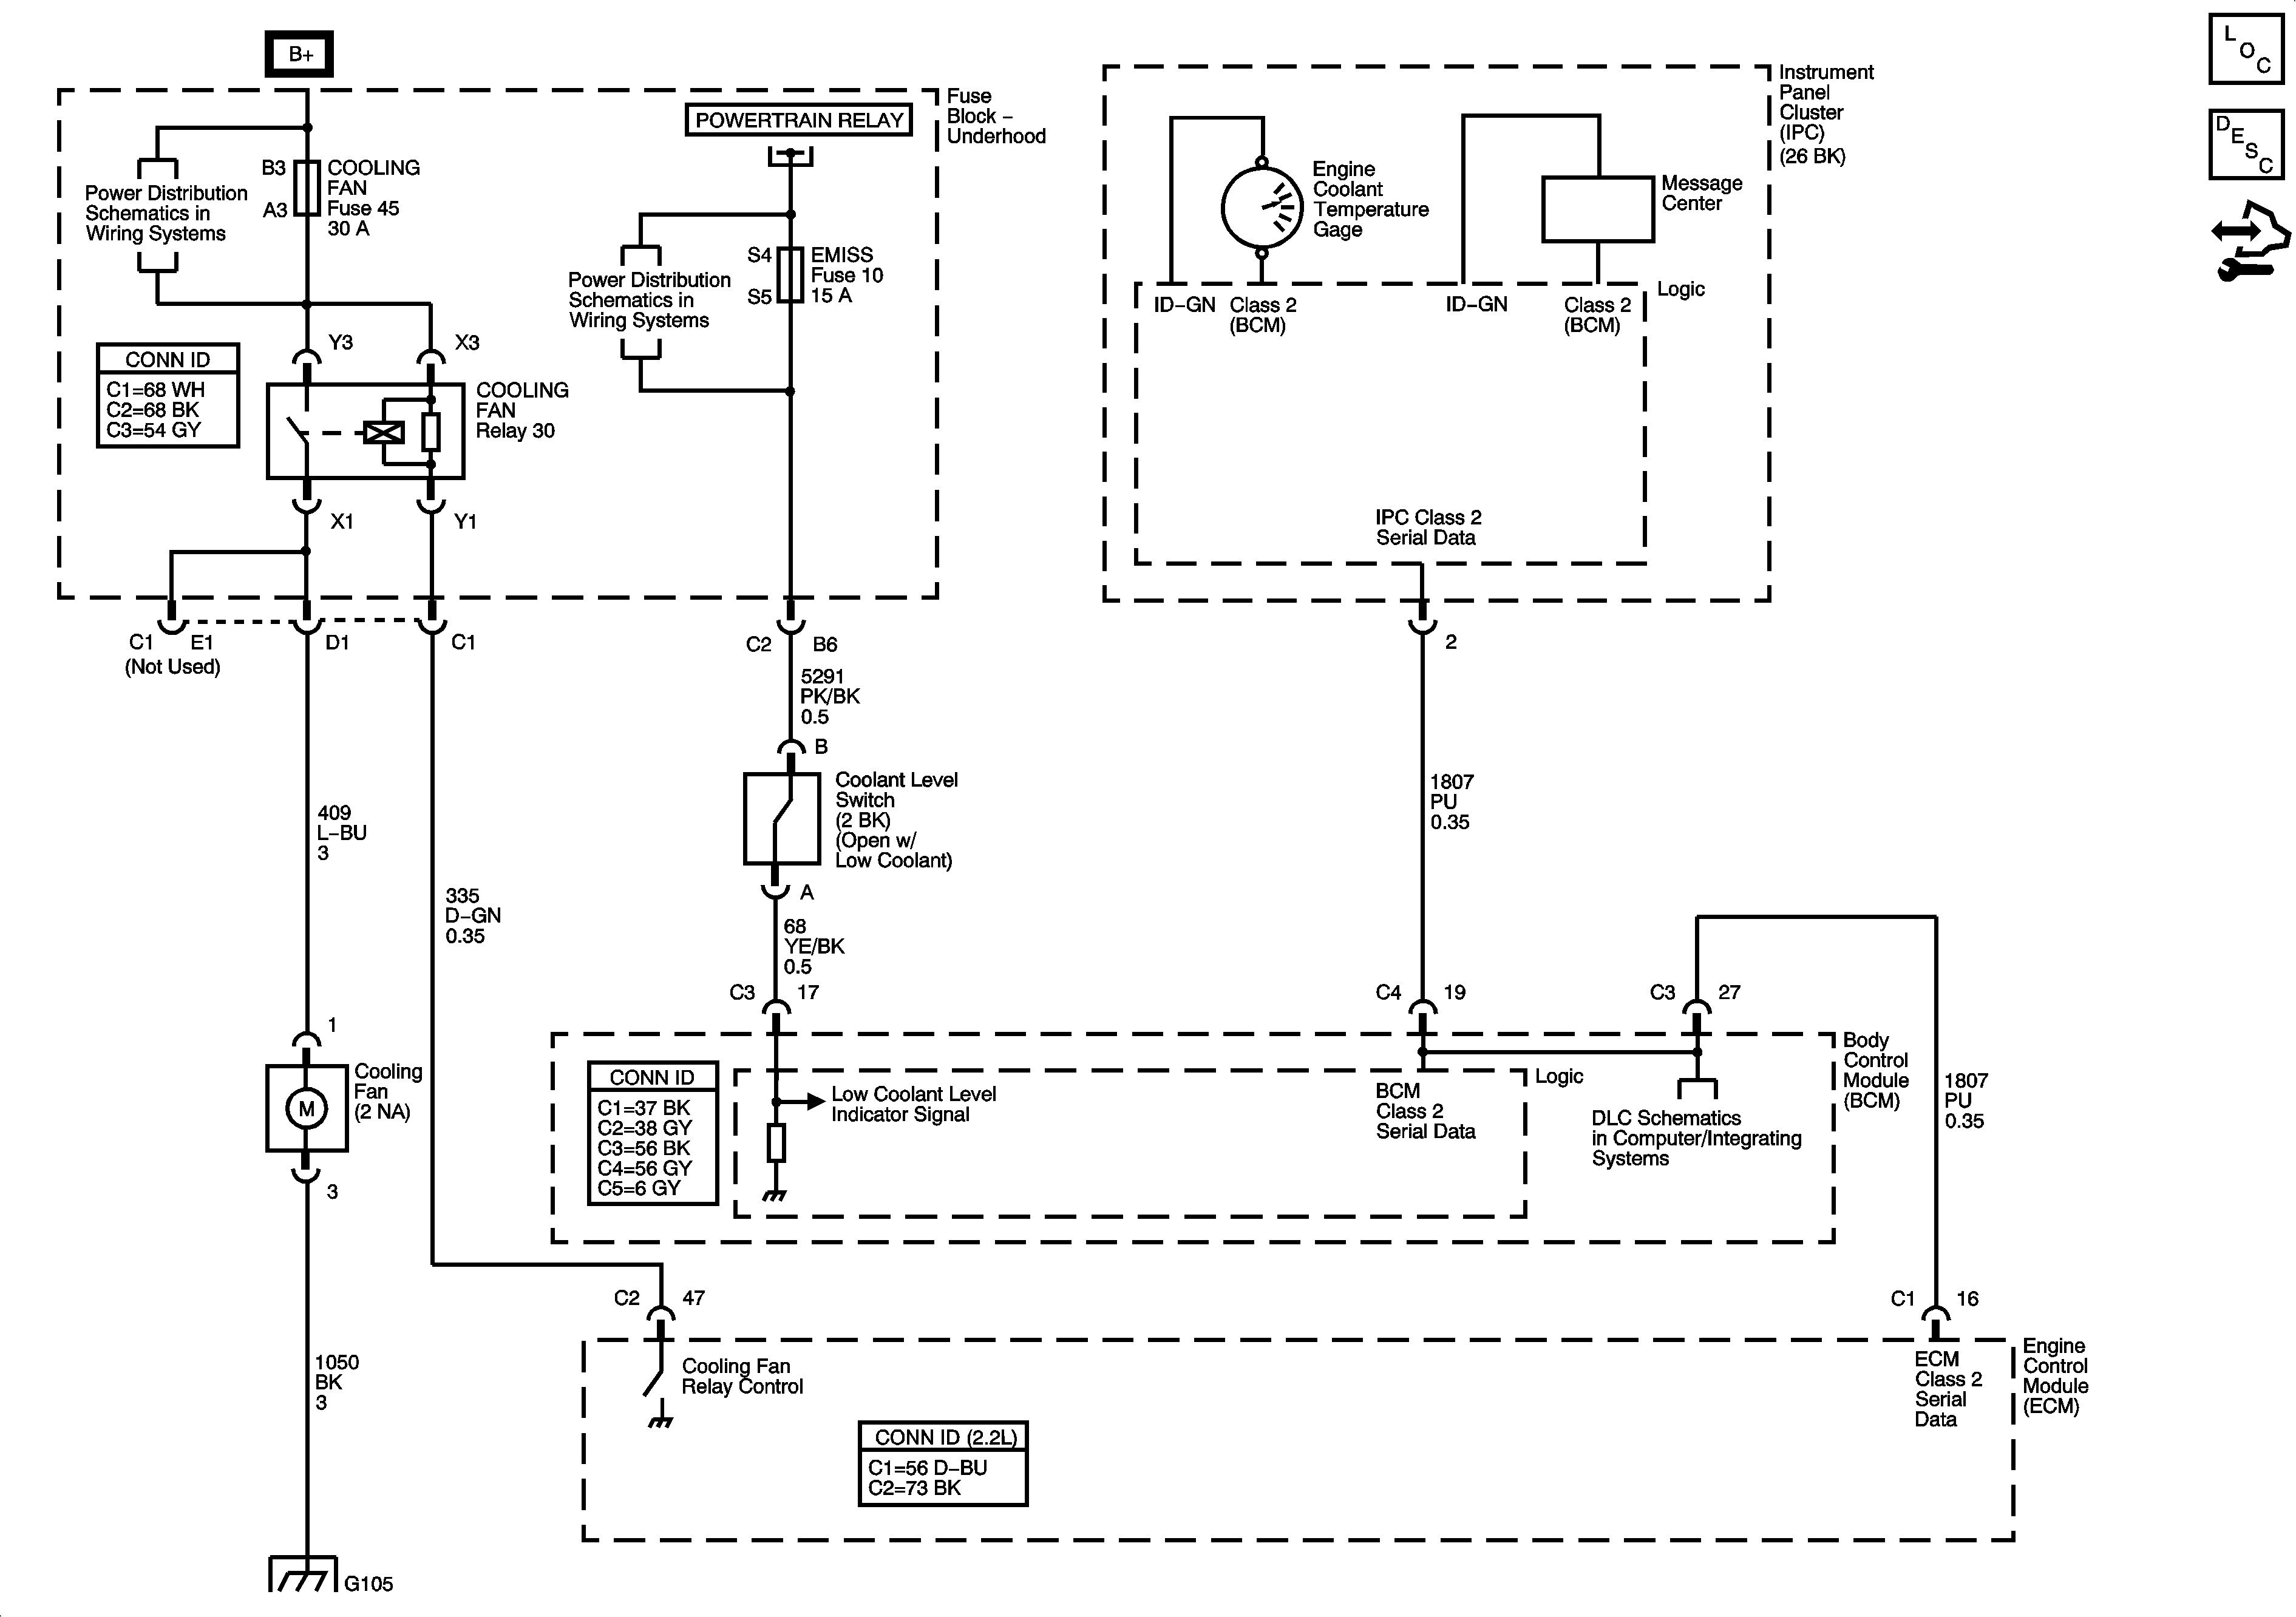 2005 Saturn Ion Engine Diagram Saturn Ion Obd Wiring Diagram Wiring Diagram Load Of 2005 Saturn Ion Engine Diagram